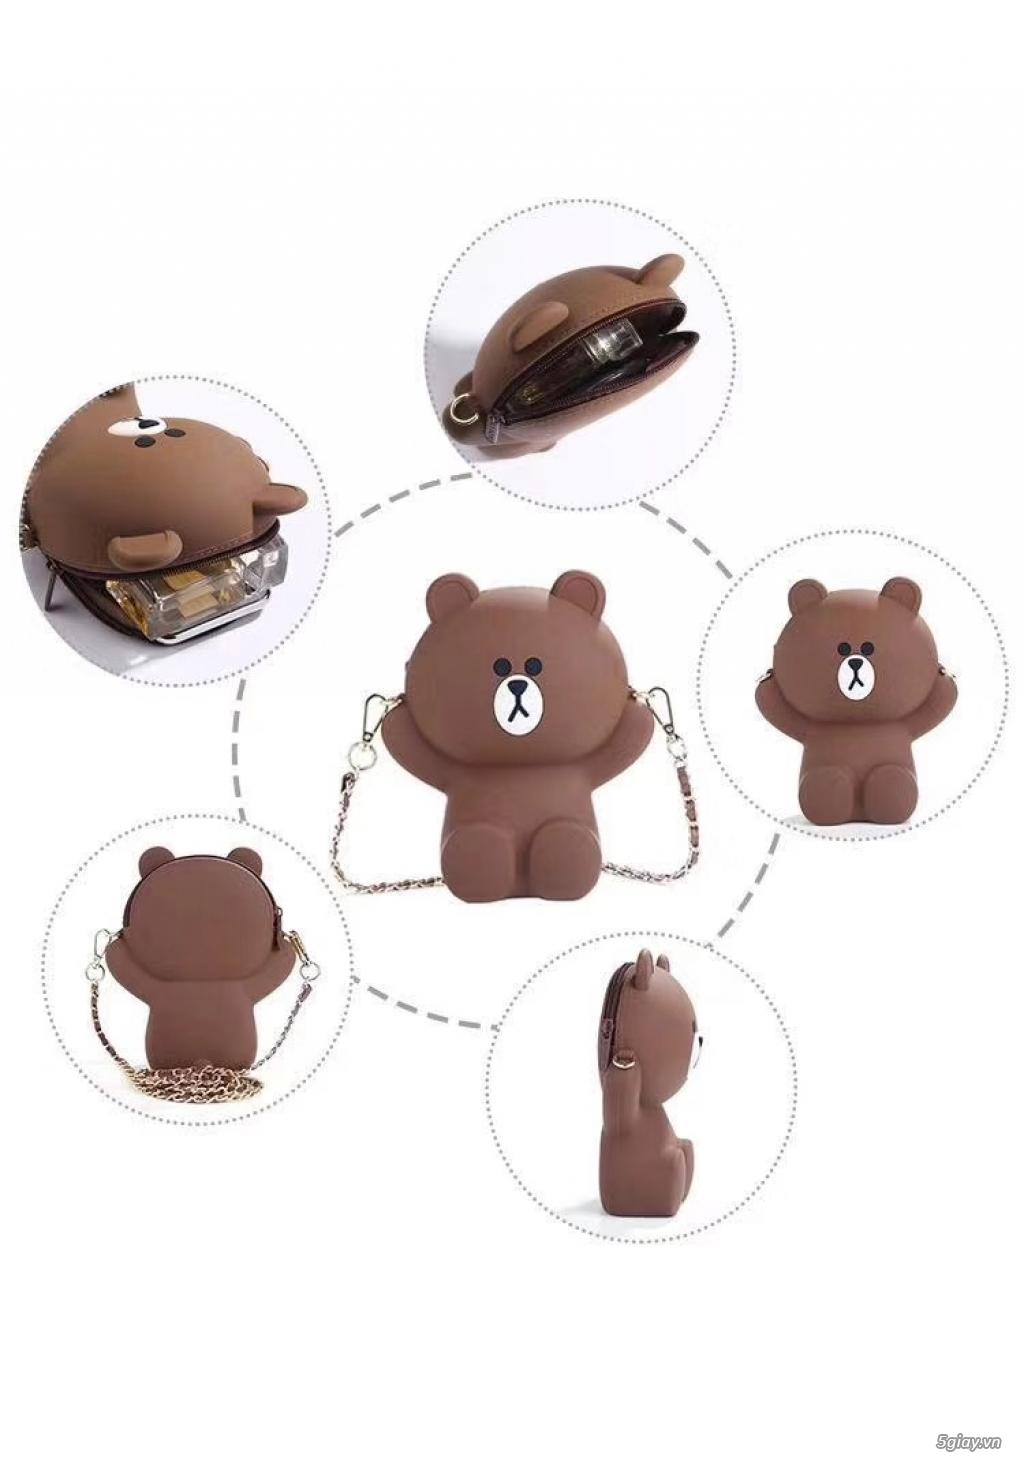 Túi đeo chéo Gấu Brown Linefriend - Túi Hình con Heo con vịt - 10